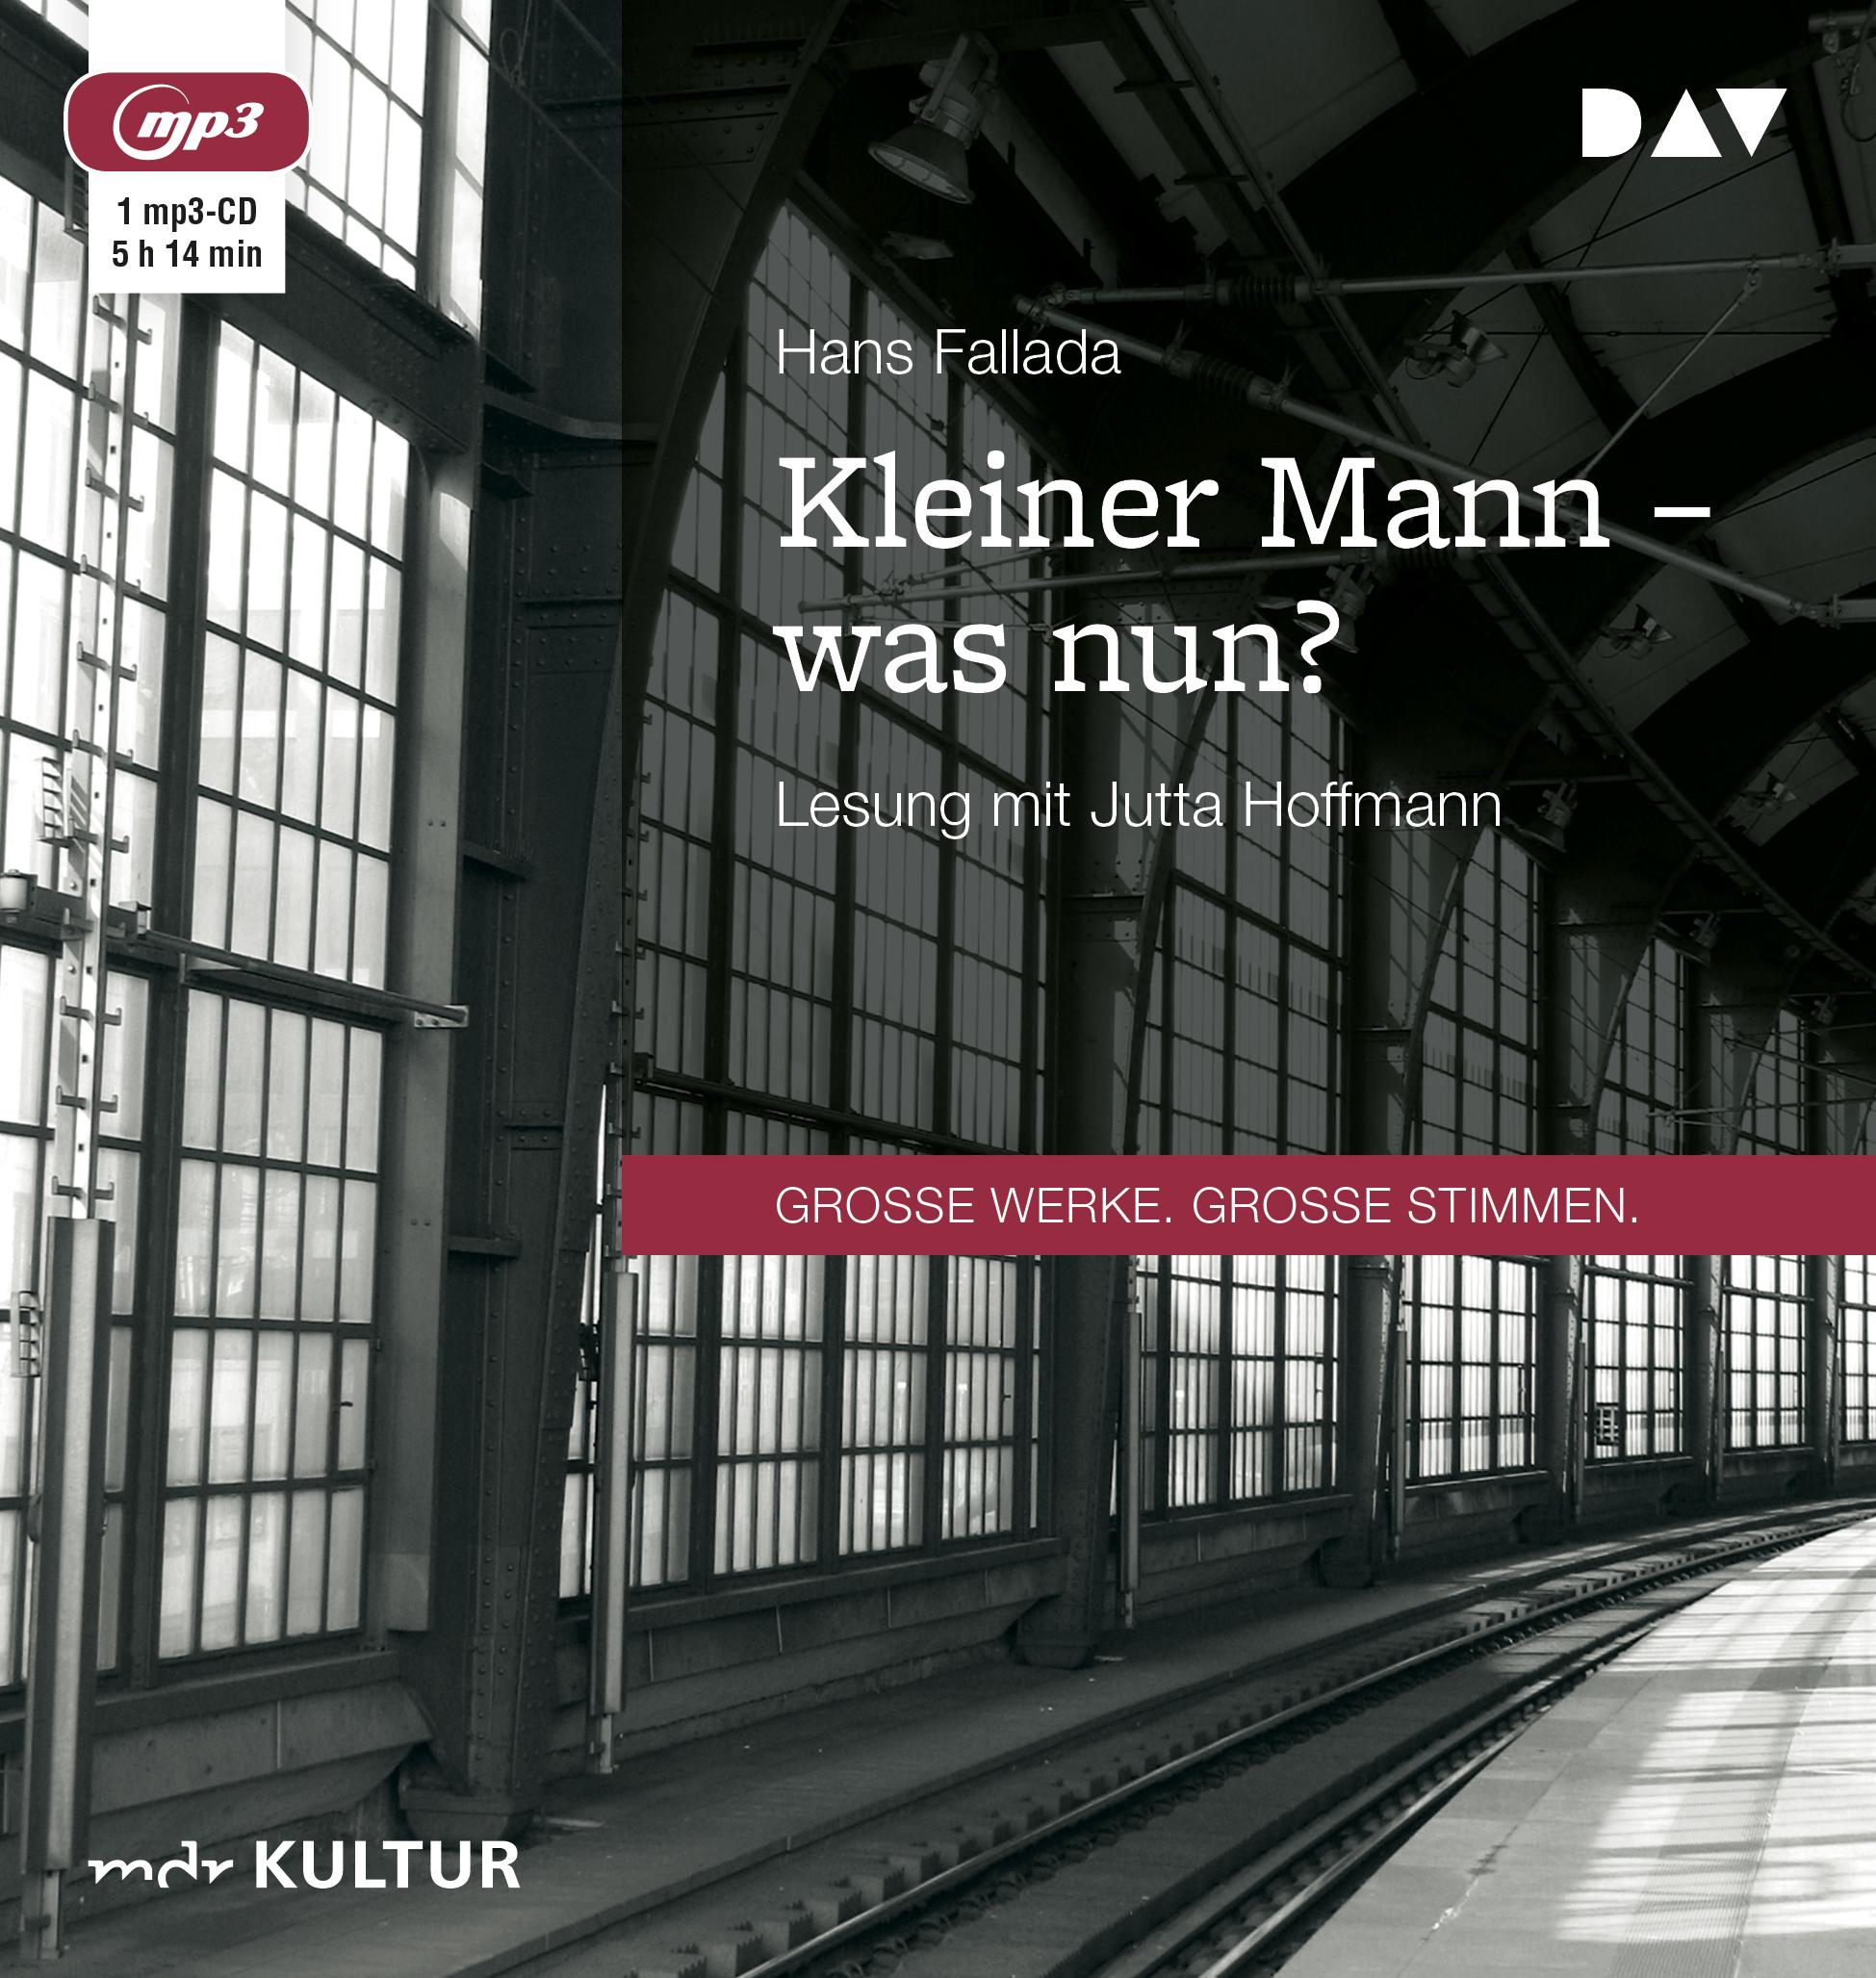 Hans Fallada • Kleiner Mann, was nun? - Gratis-Lesung (gekürzt) als Stream/Download bei MDR Kultur (mit mp3 & mp4-Direktlinks)